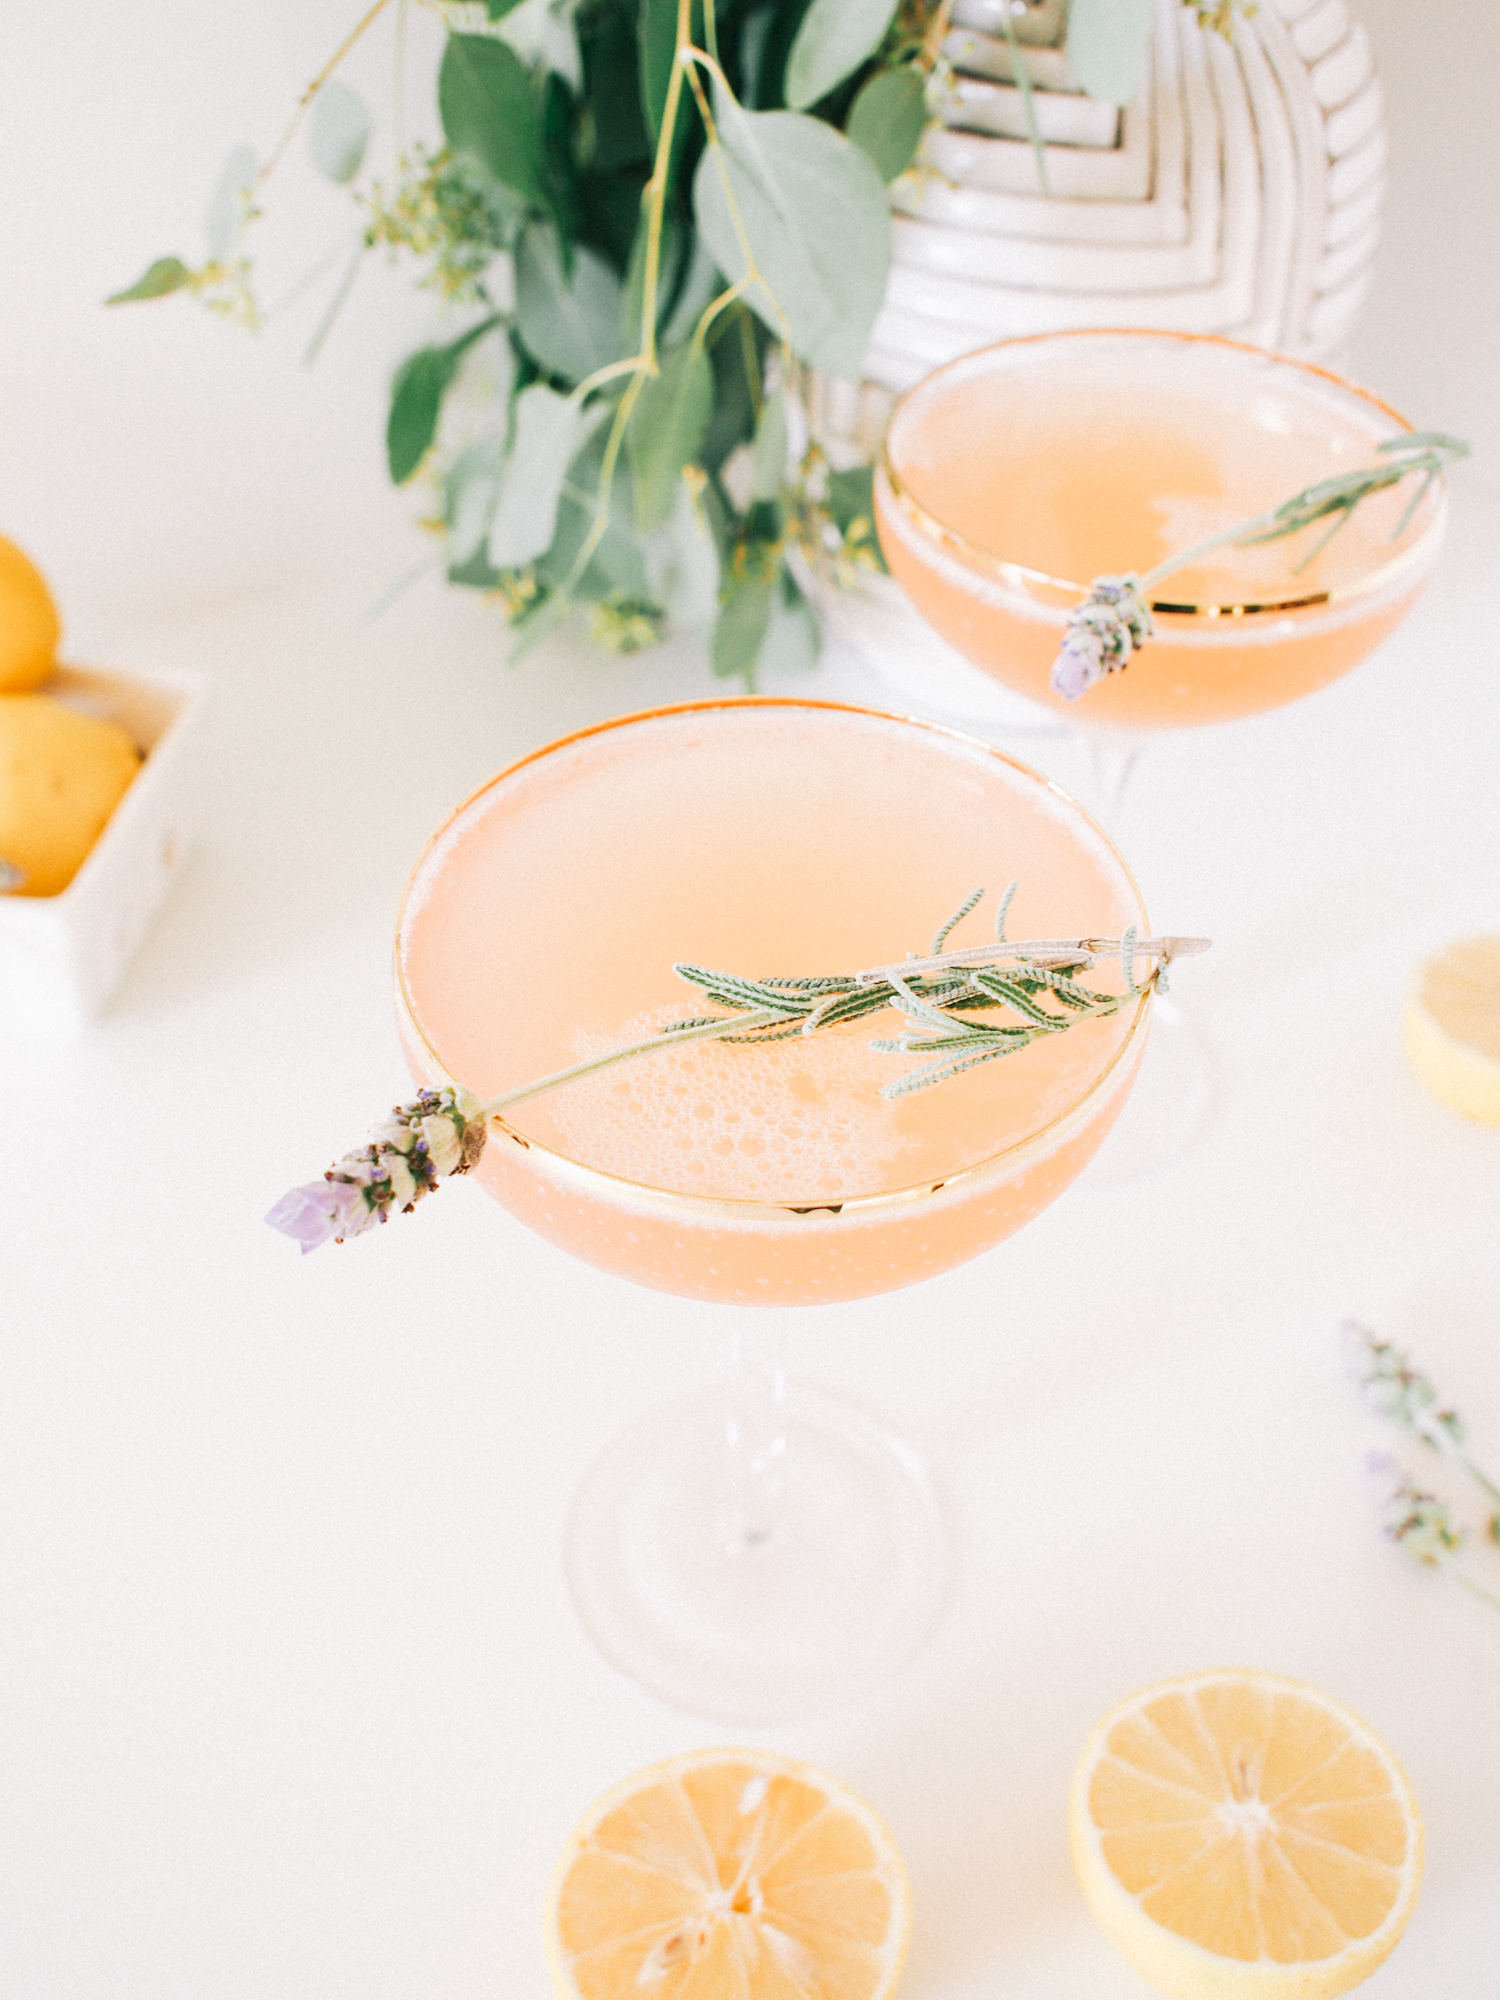 Lavender-Lemon-Rose-Cocktail-7.jpg